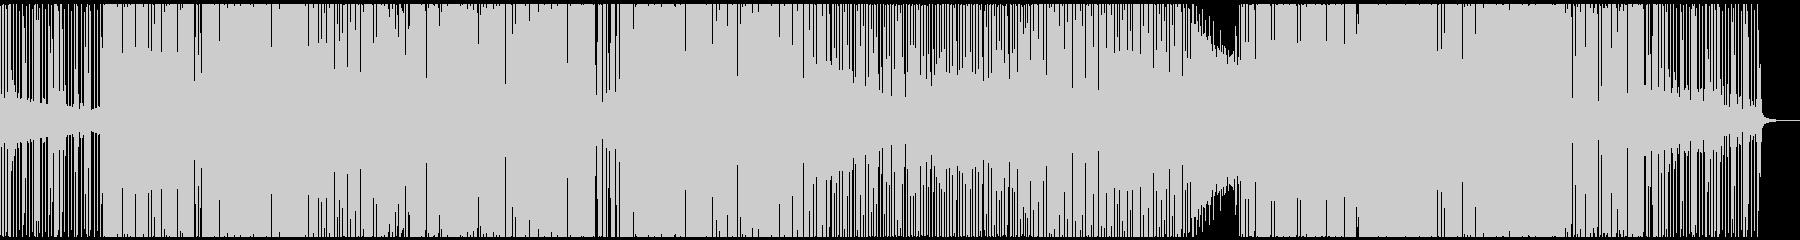 ハウス ダンス プログレッシブ ワ...の未再生の波形